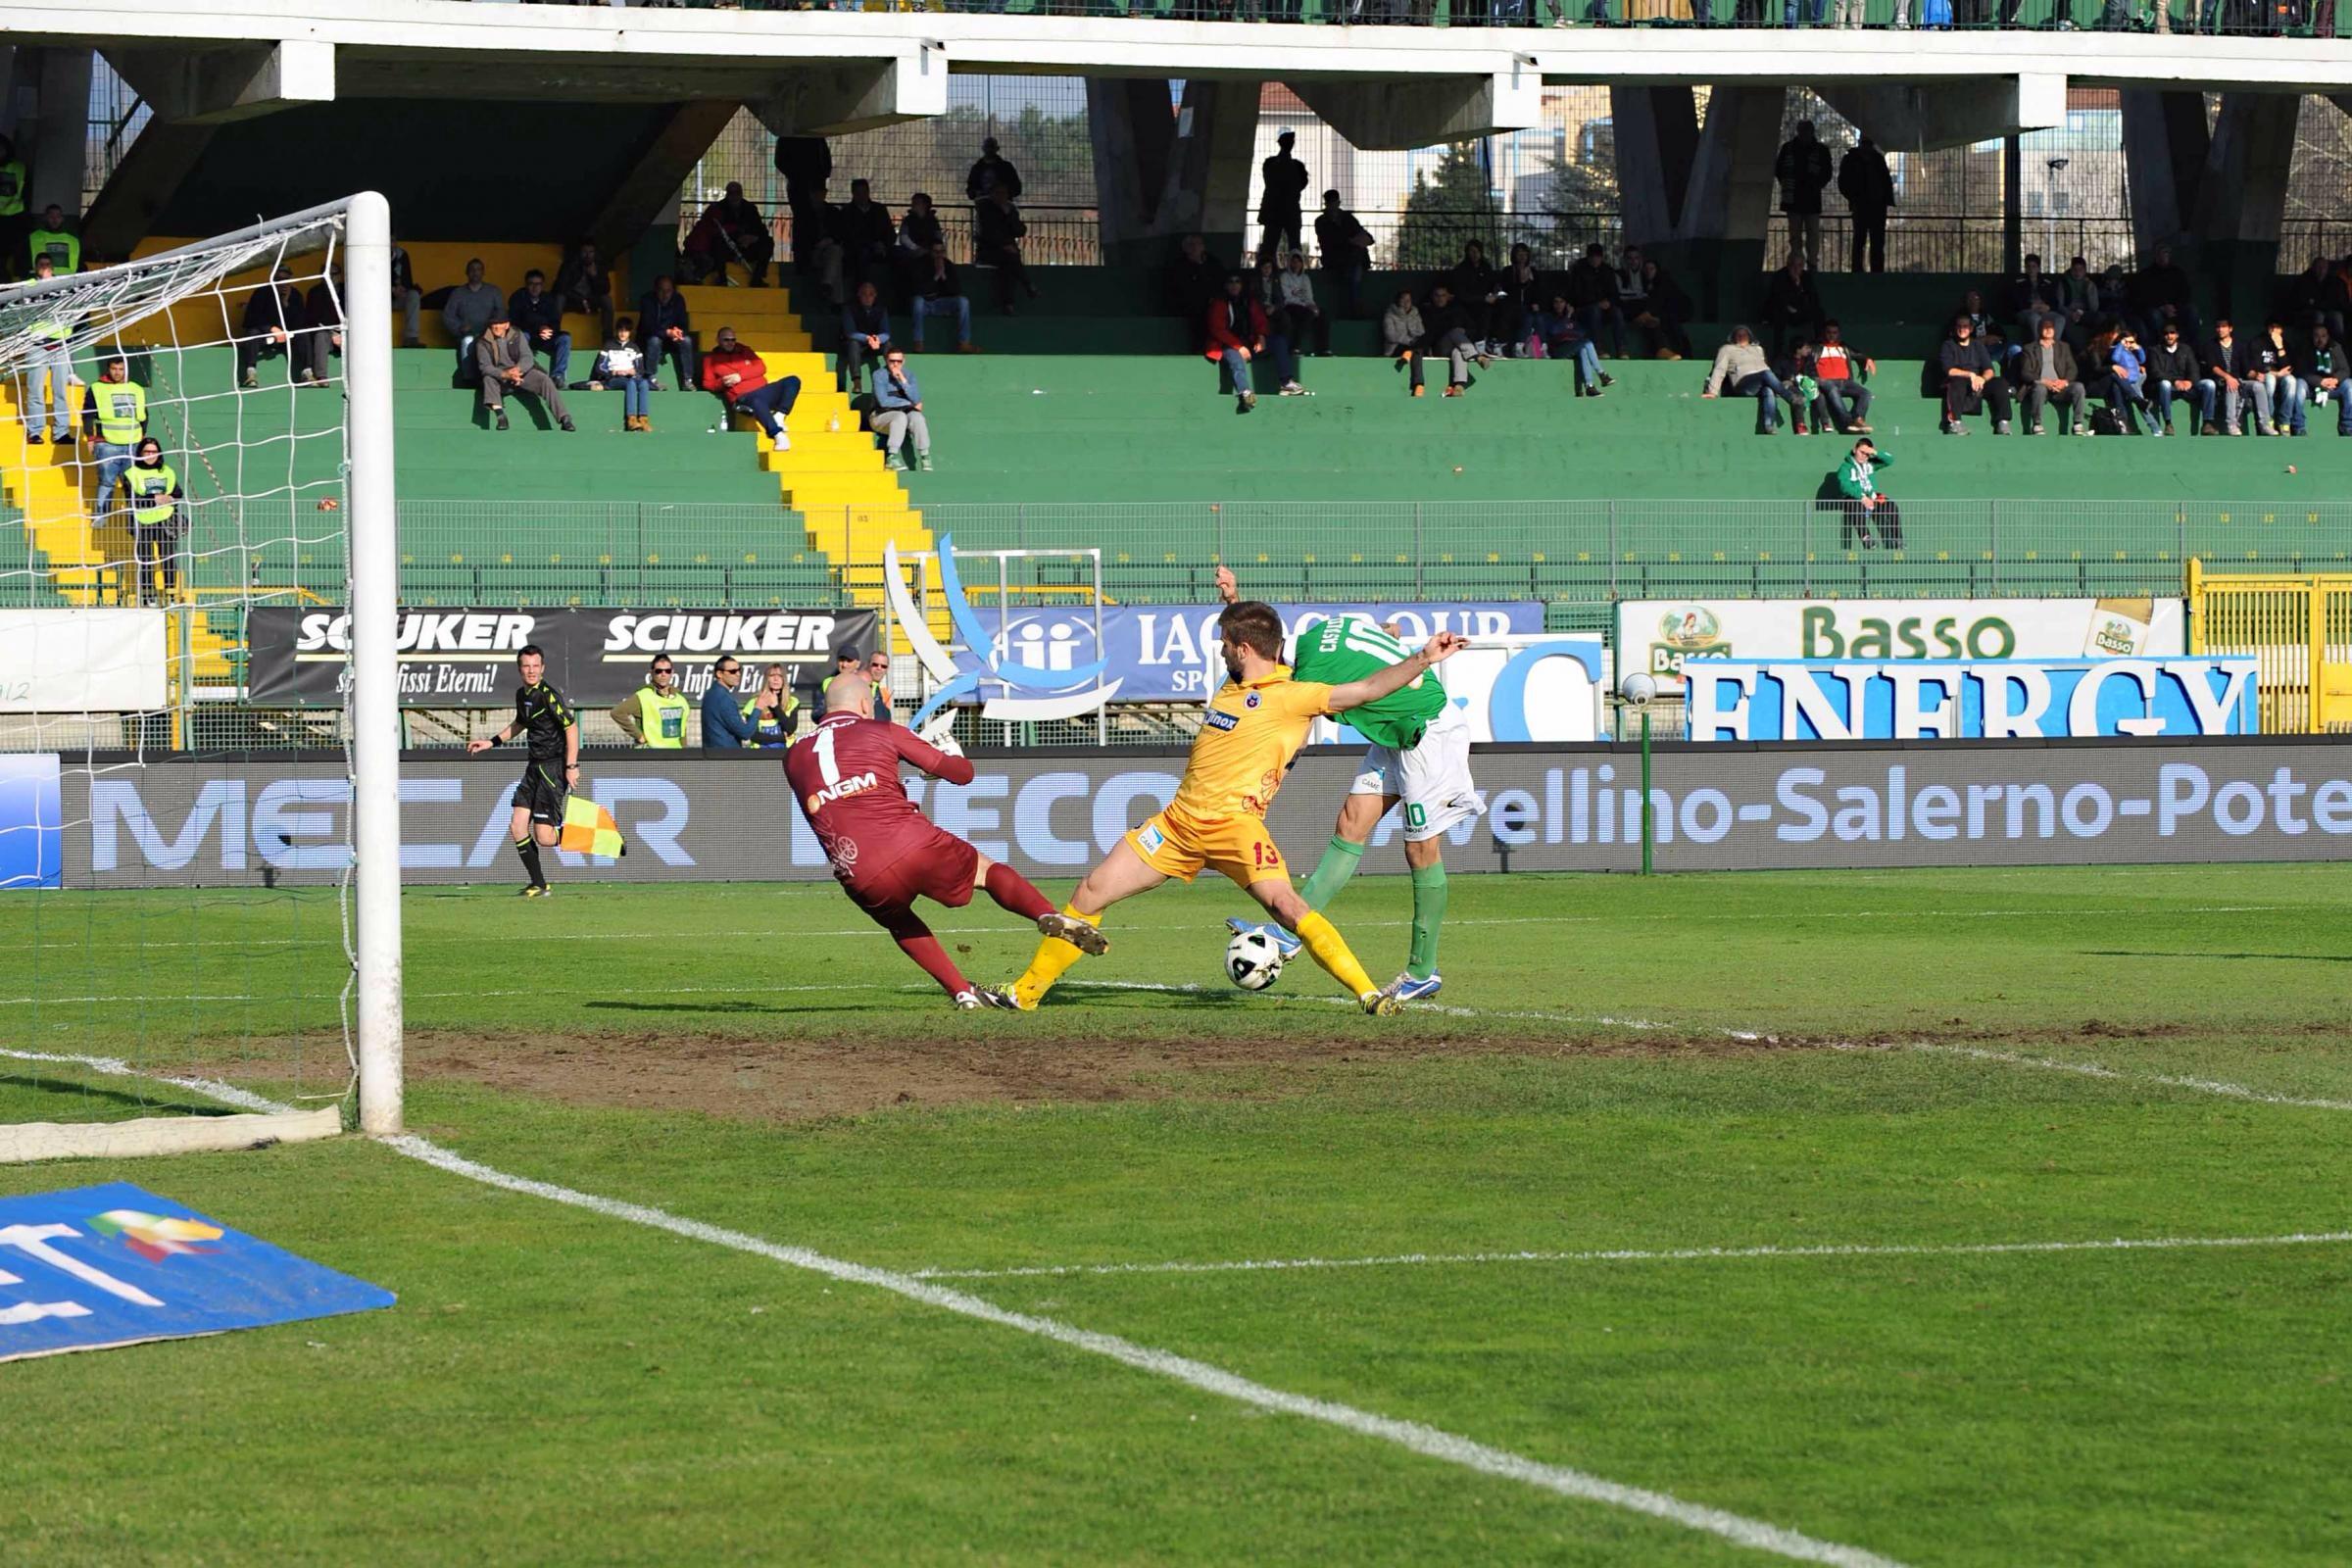 Il gol di Castaldo che ha deciso il match.